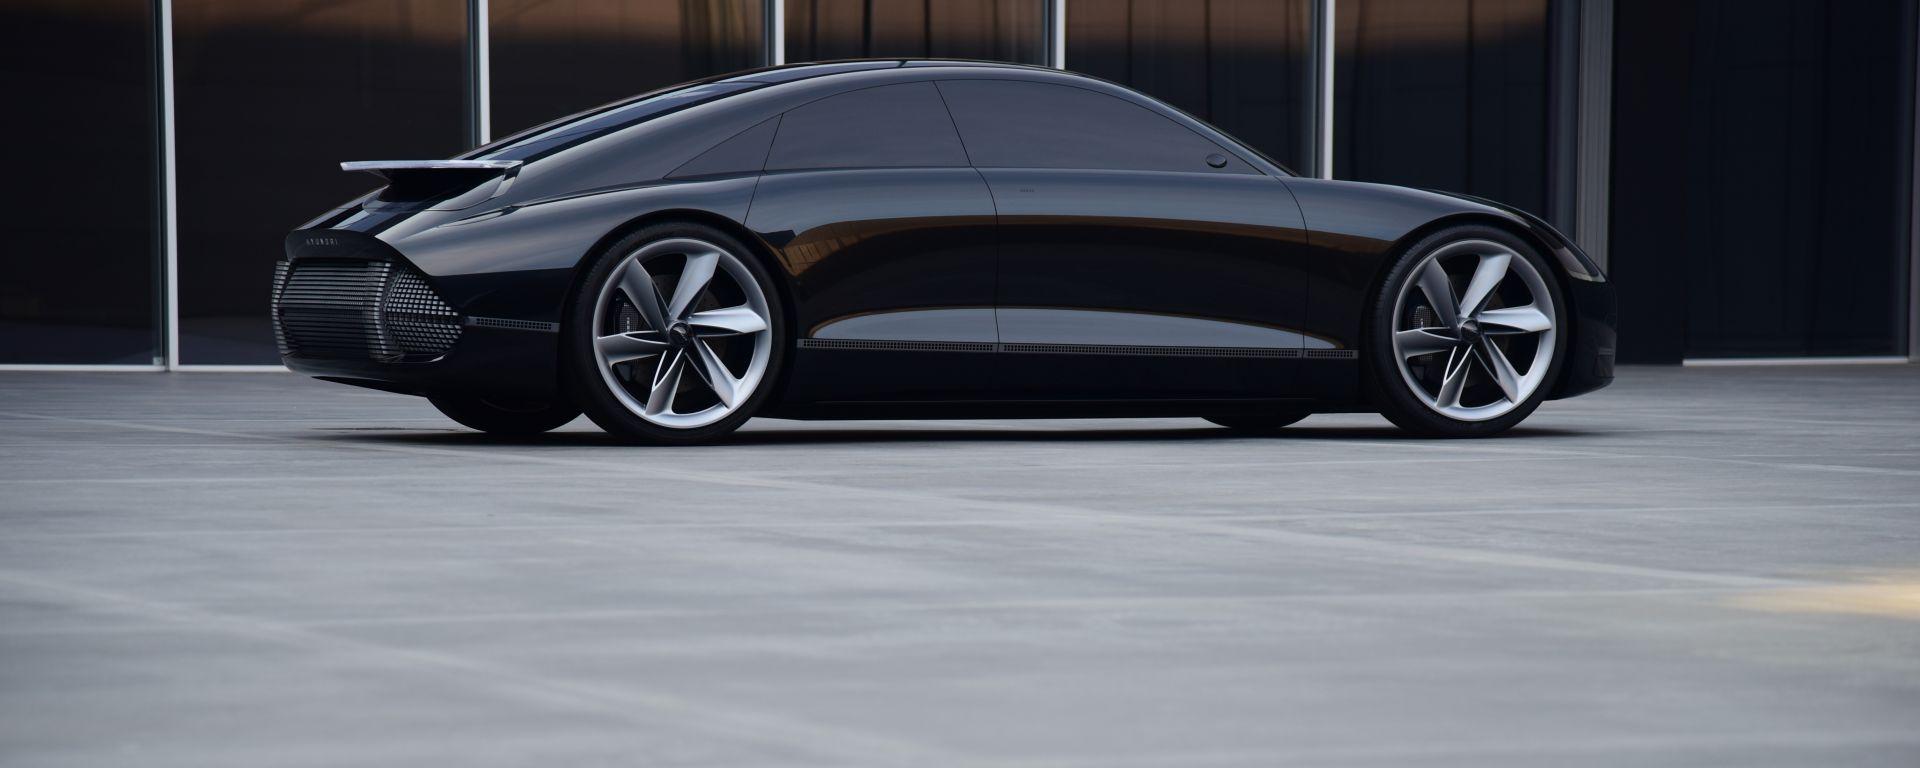 Hyundai Prophecy Concept EV: la sportiva elettrica della casa coreana